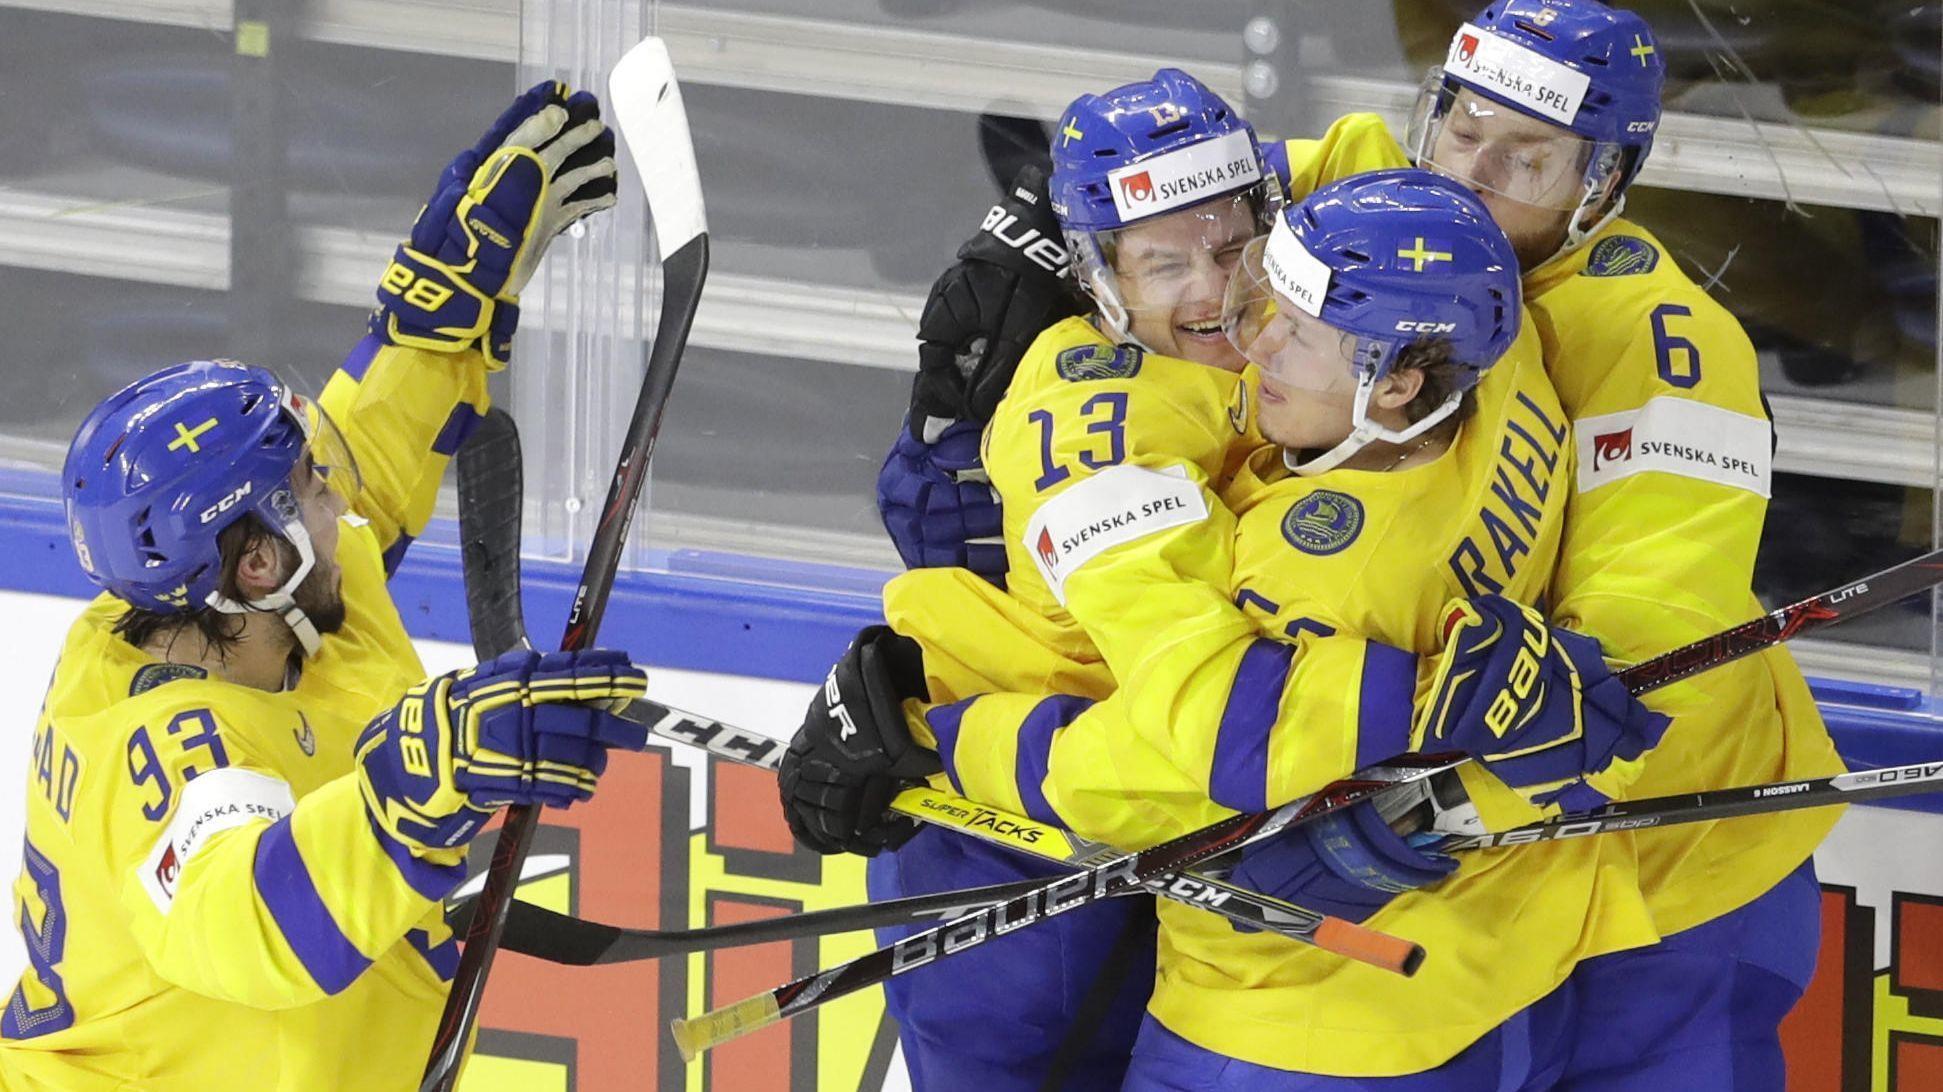 Ct-spt-usa-sweden-hockey-worlds-20180519